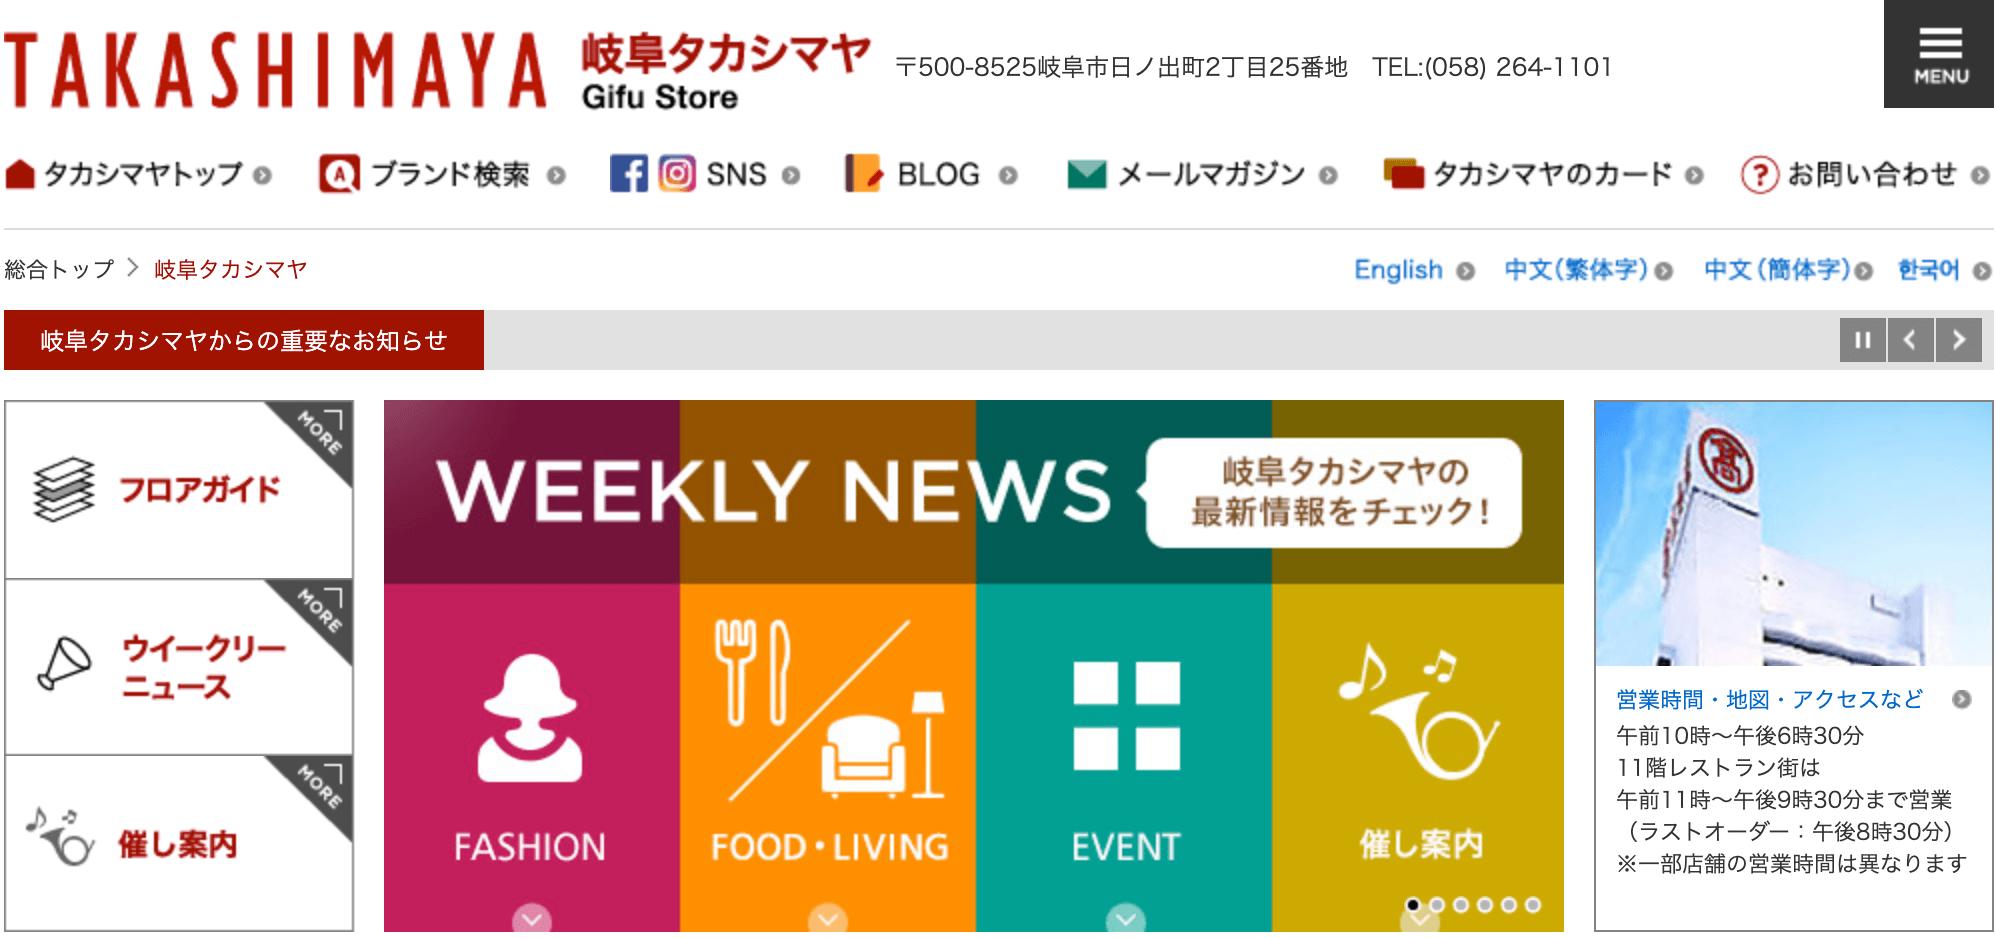 岐阜 タカシマヤ ランドセル 2020